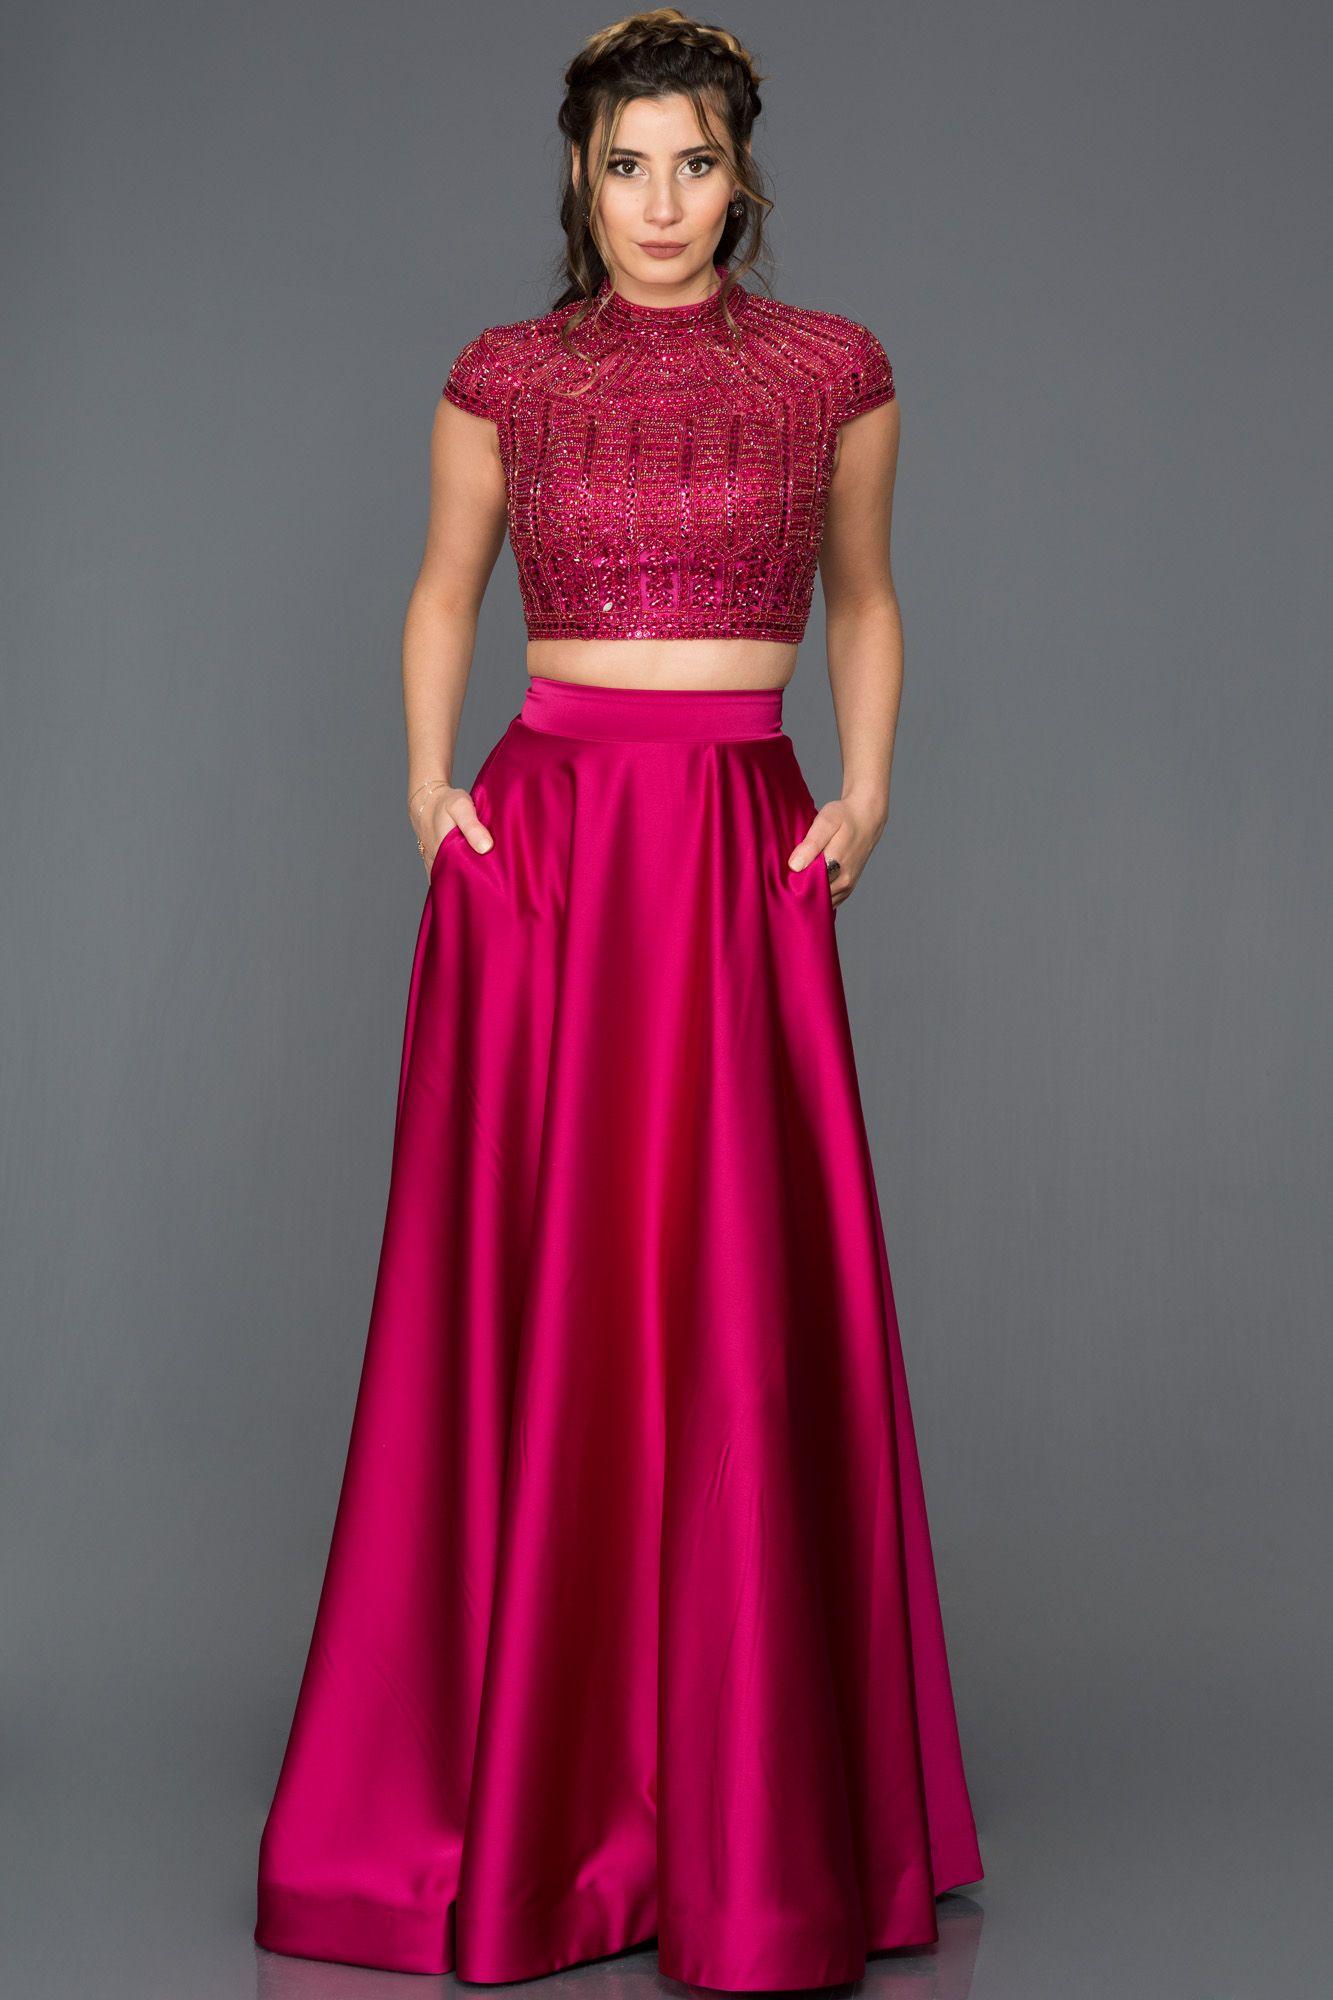 Fusya Ozel Tasarim Iki Parca Abiye F331 The Dress Elbise Modelleri Bohem Elbiseler